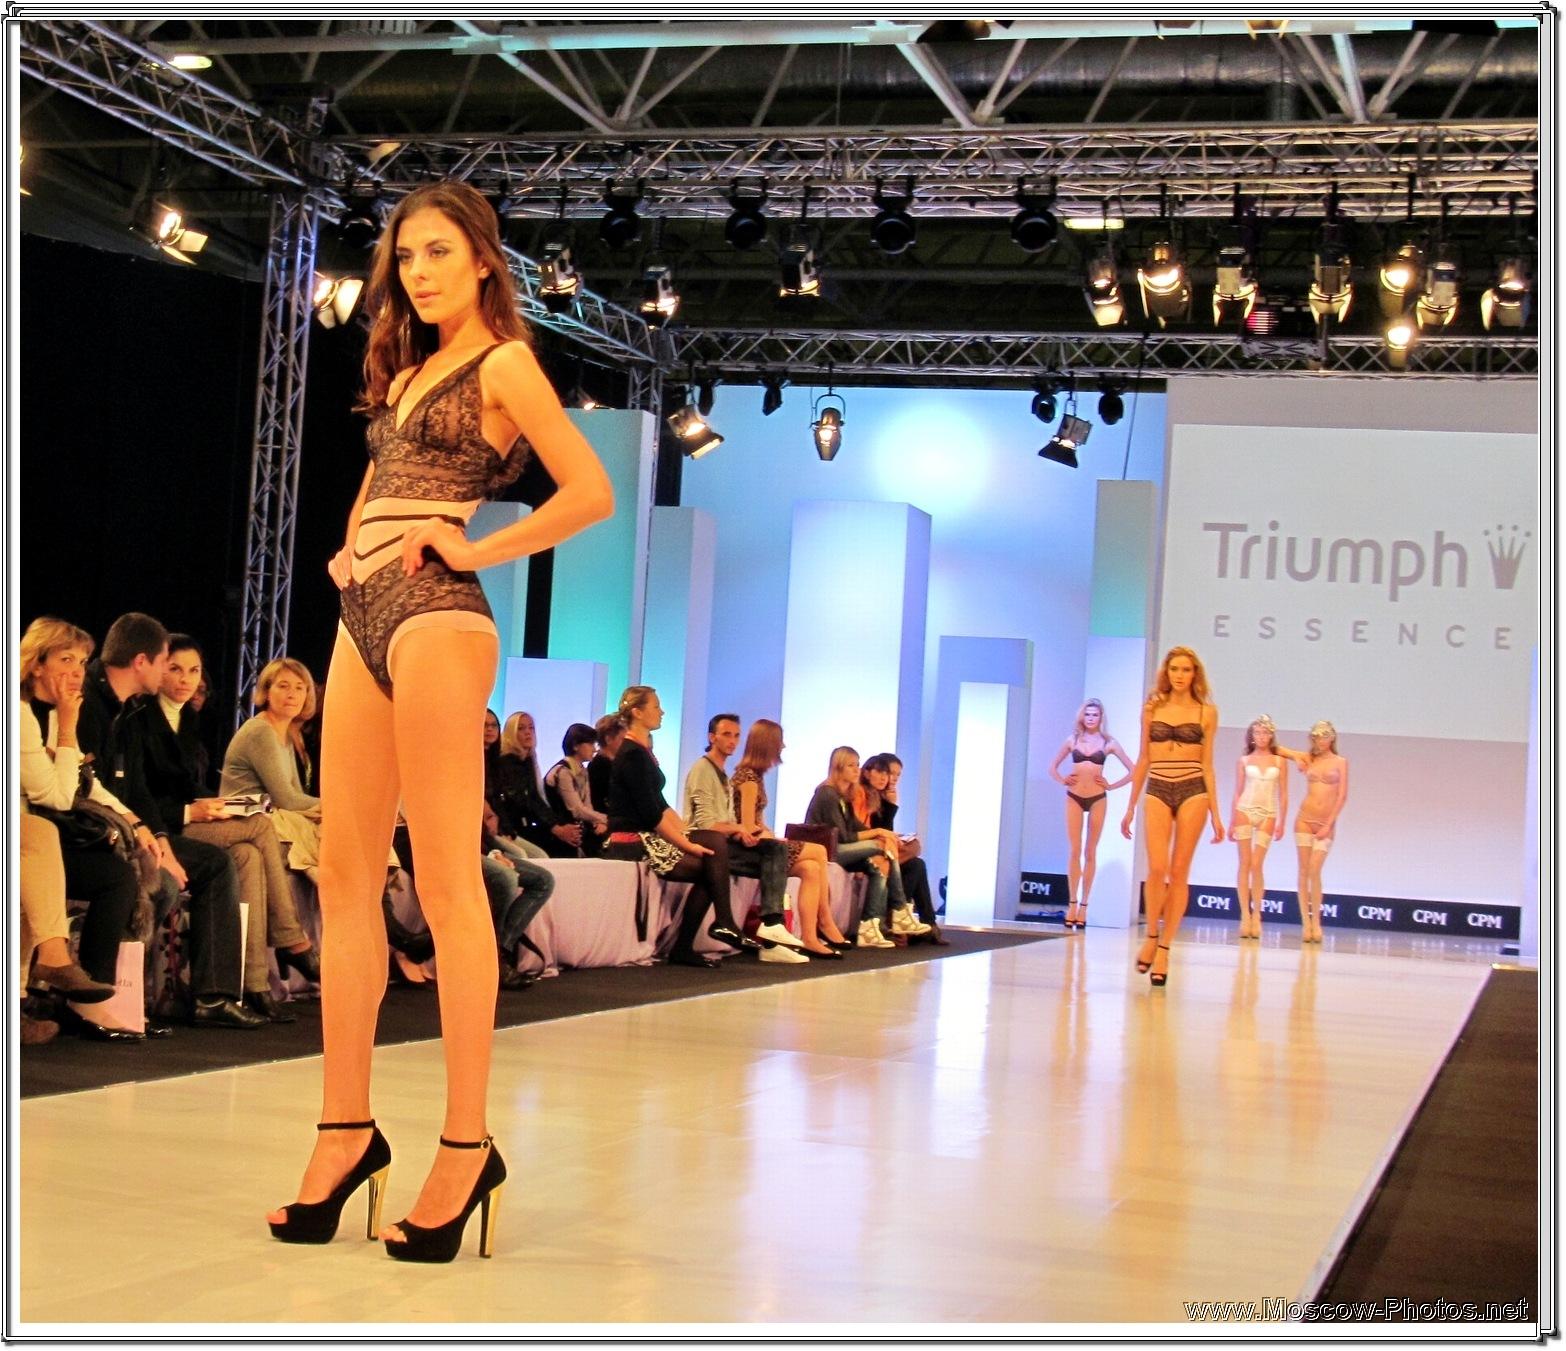 CPM Collection Premiere Moscow  - Triumph Essence Lingerie Fashion Show